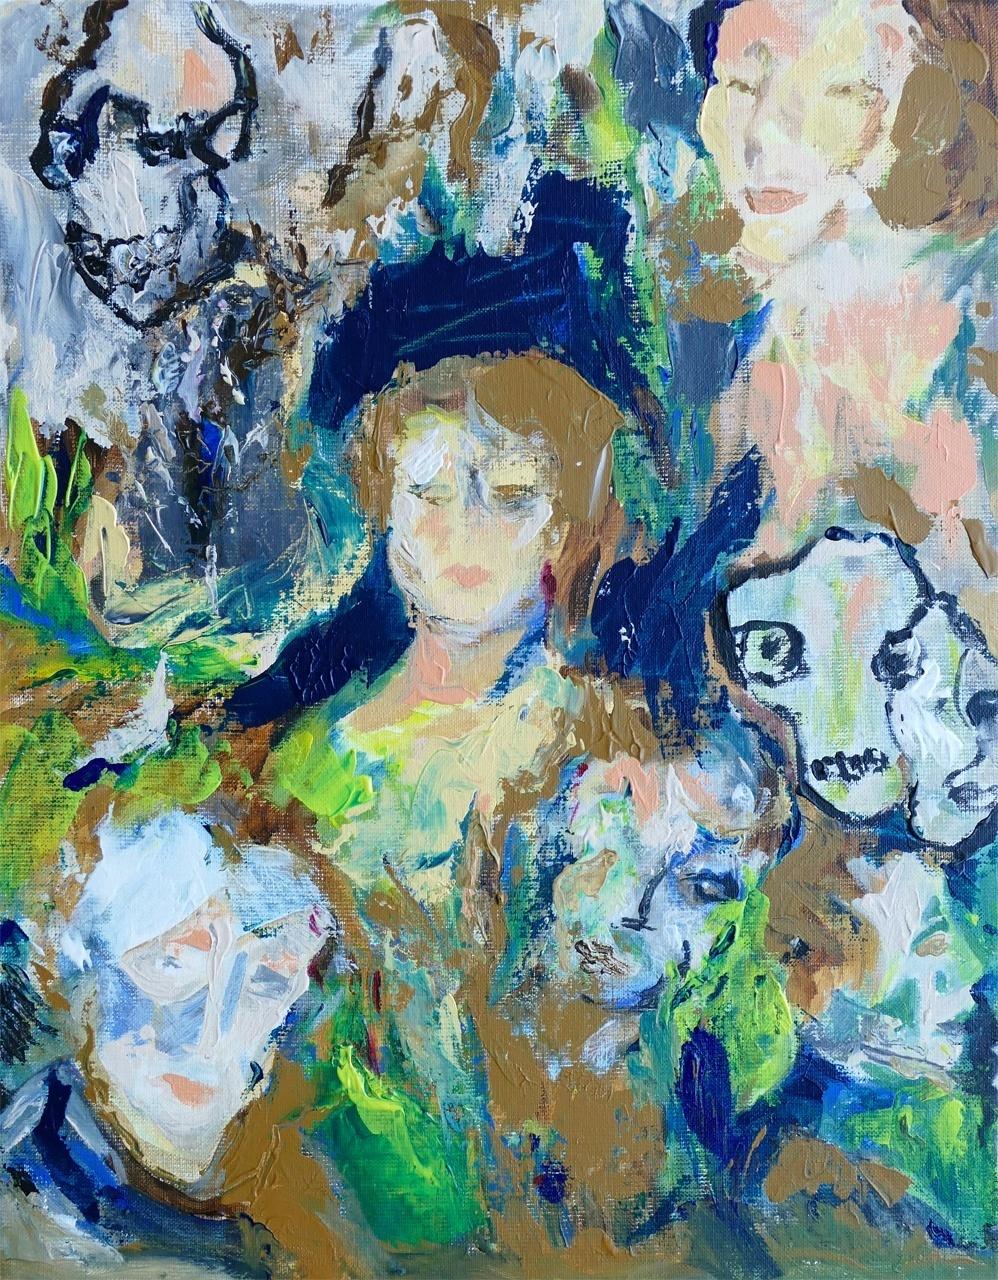 Marie-Lydie de Grood_Zonder titel 2_acryl op doek_40x50